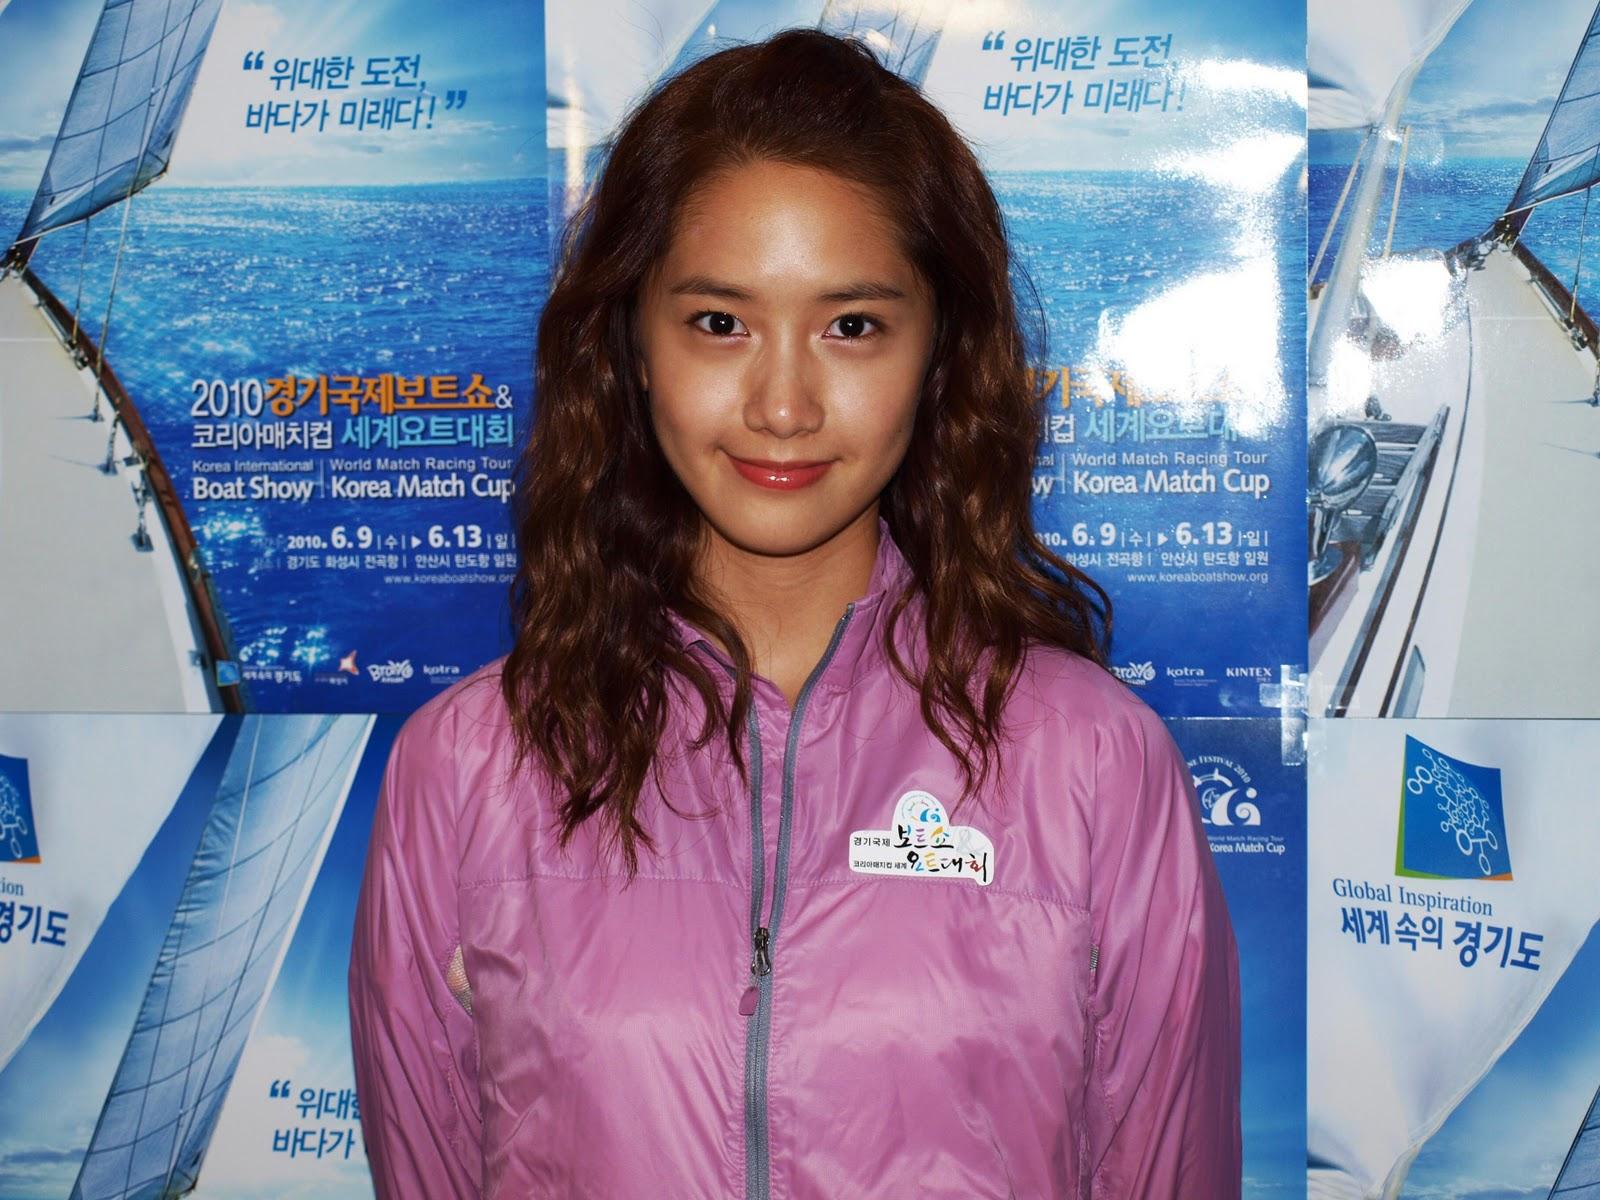 http://3.bp.blogspot.com/_yyDO9aJWtGs/TQGqR8MDktI/AAAAAAAAGIs/oRAaadi_kPM/s1600/101209+Yoona.jpg